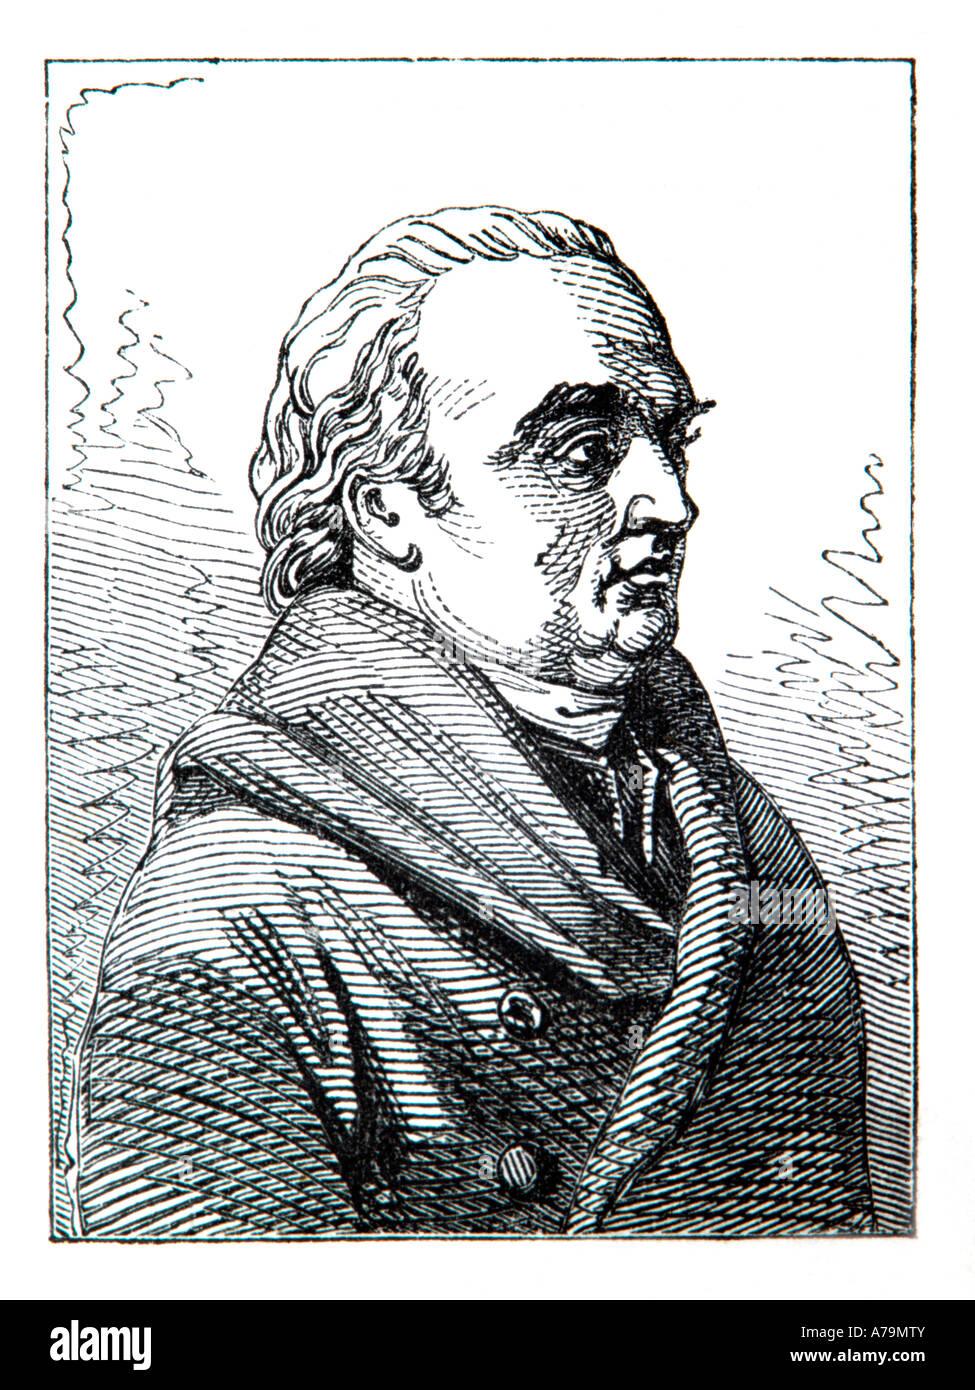 Sir William Herschel 18th Century Astronomer - Stock Image